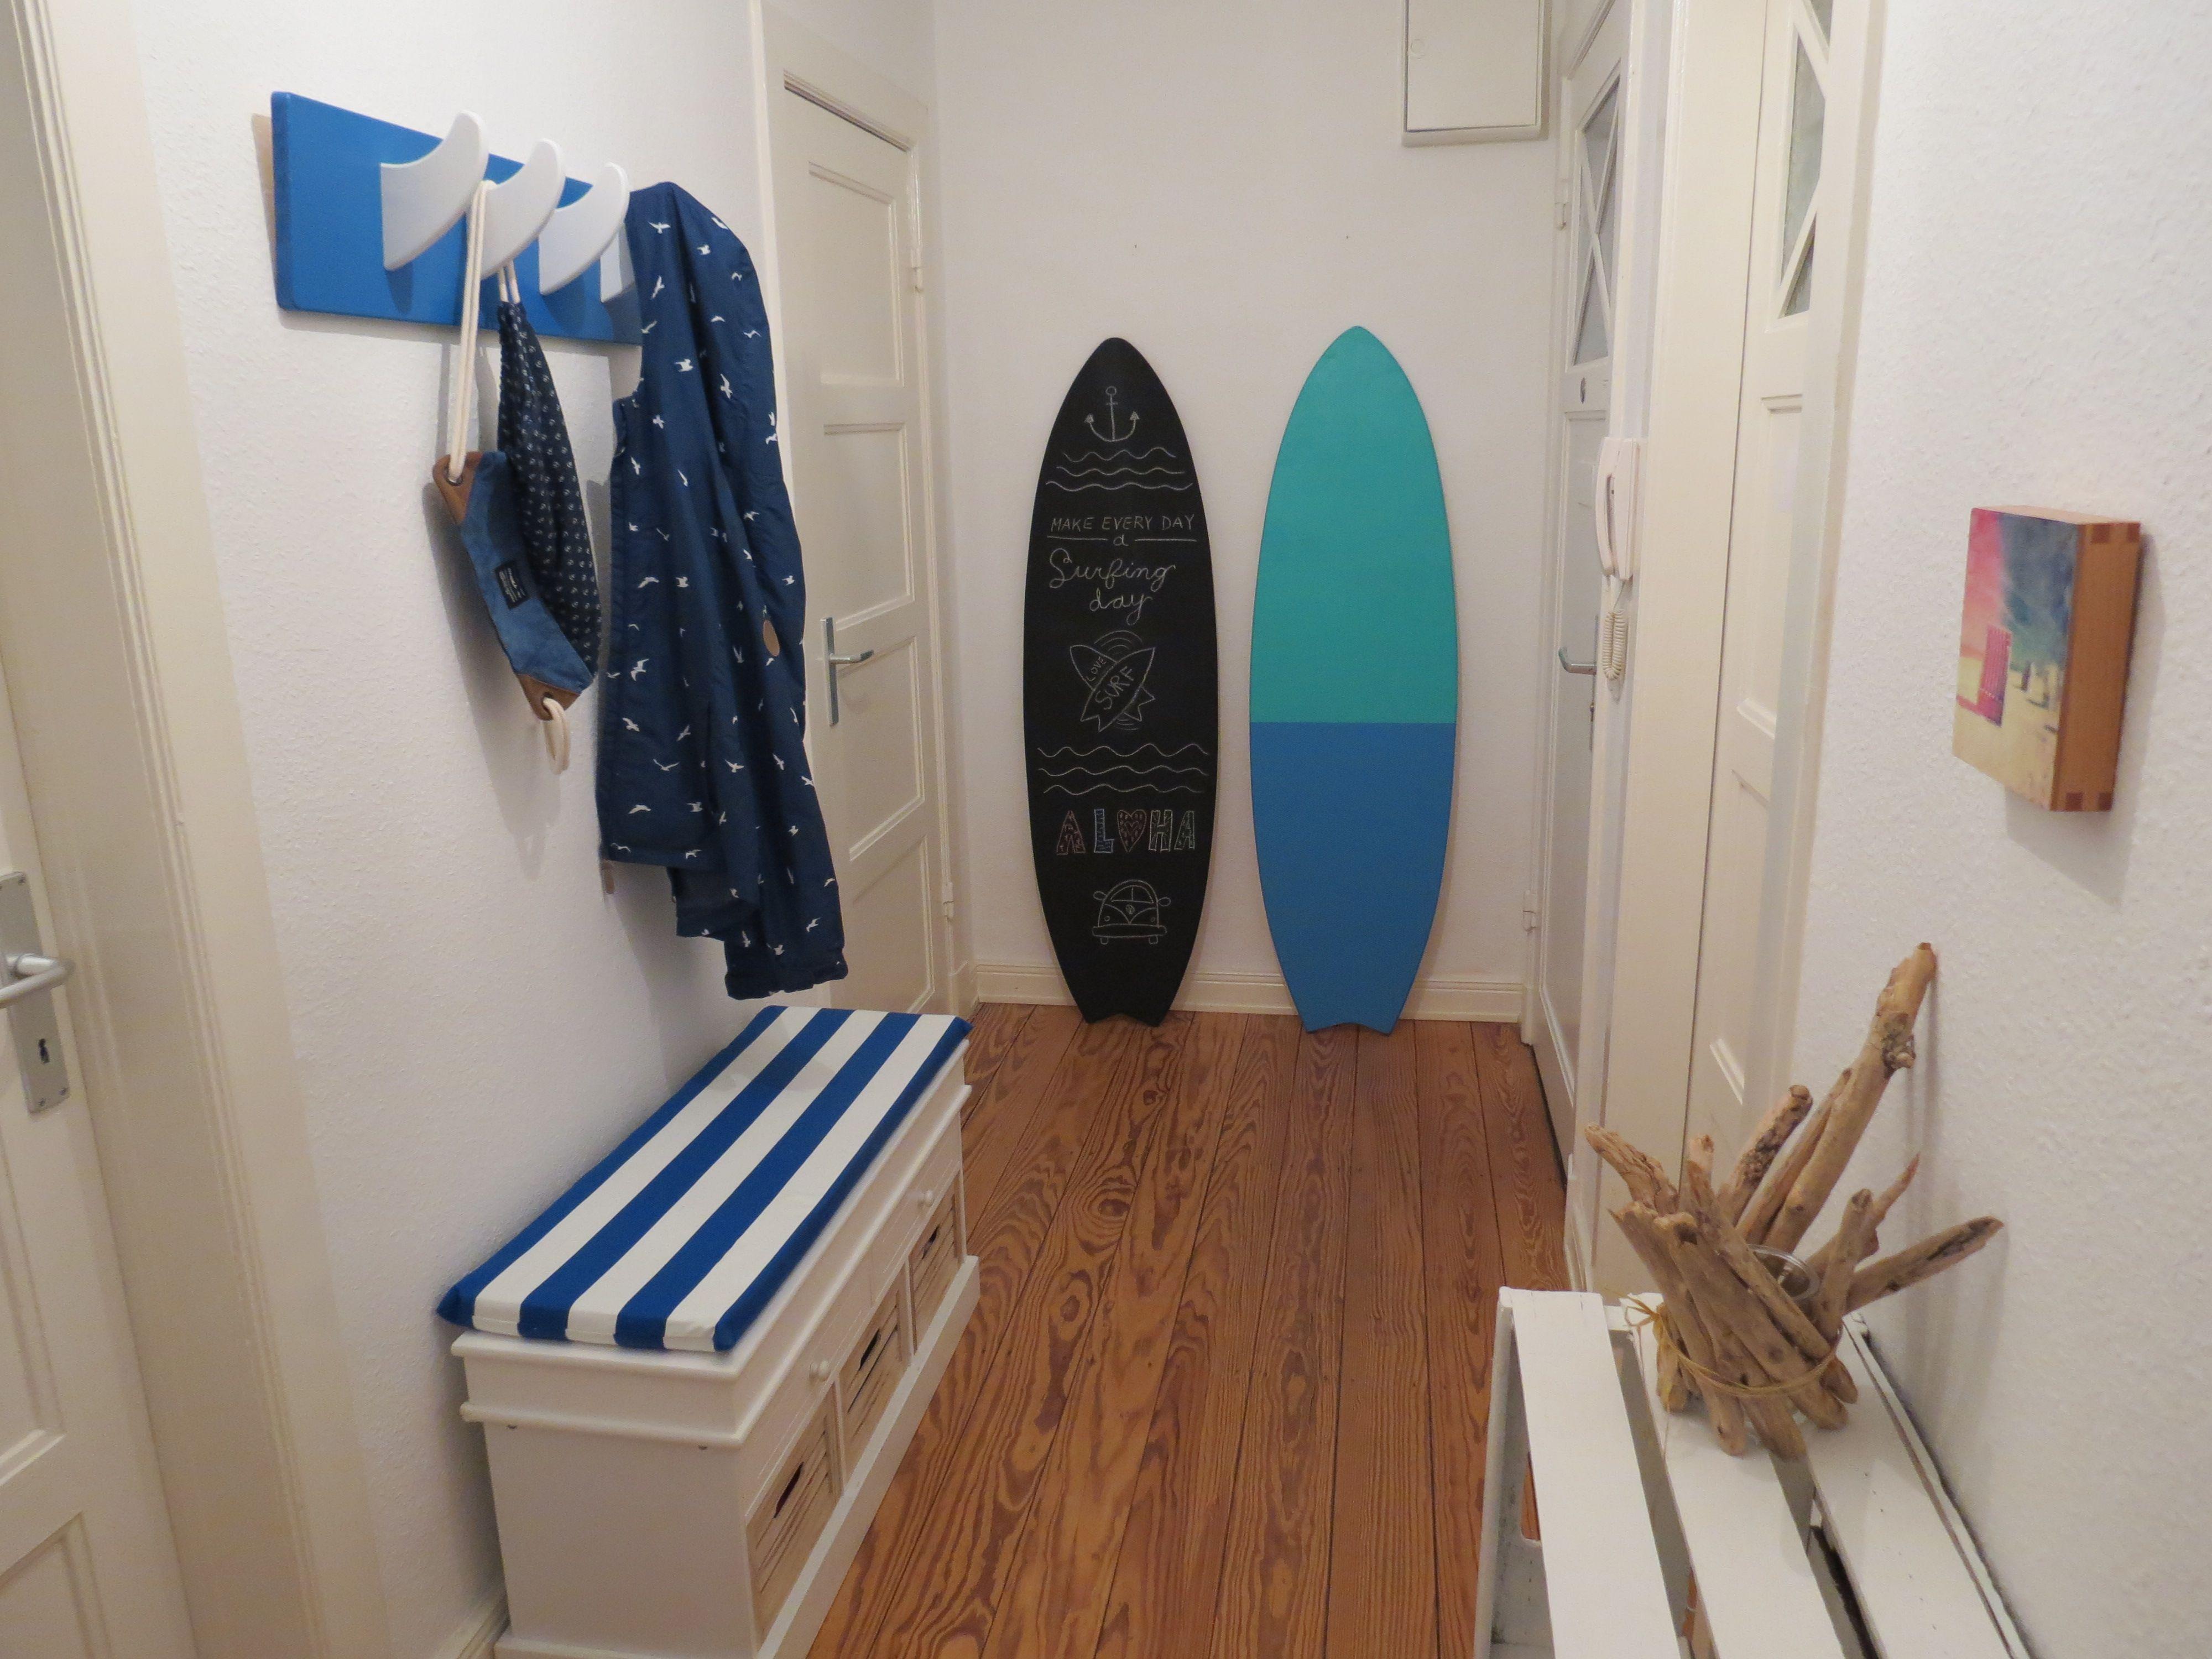 Surf Flair Für Zuhause Beim Anblick Des Deko Surfbrett Aus Holz